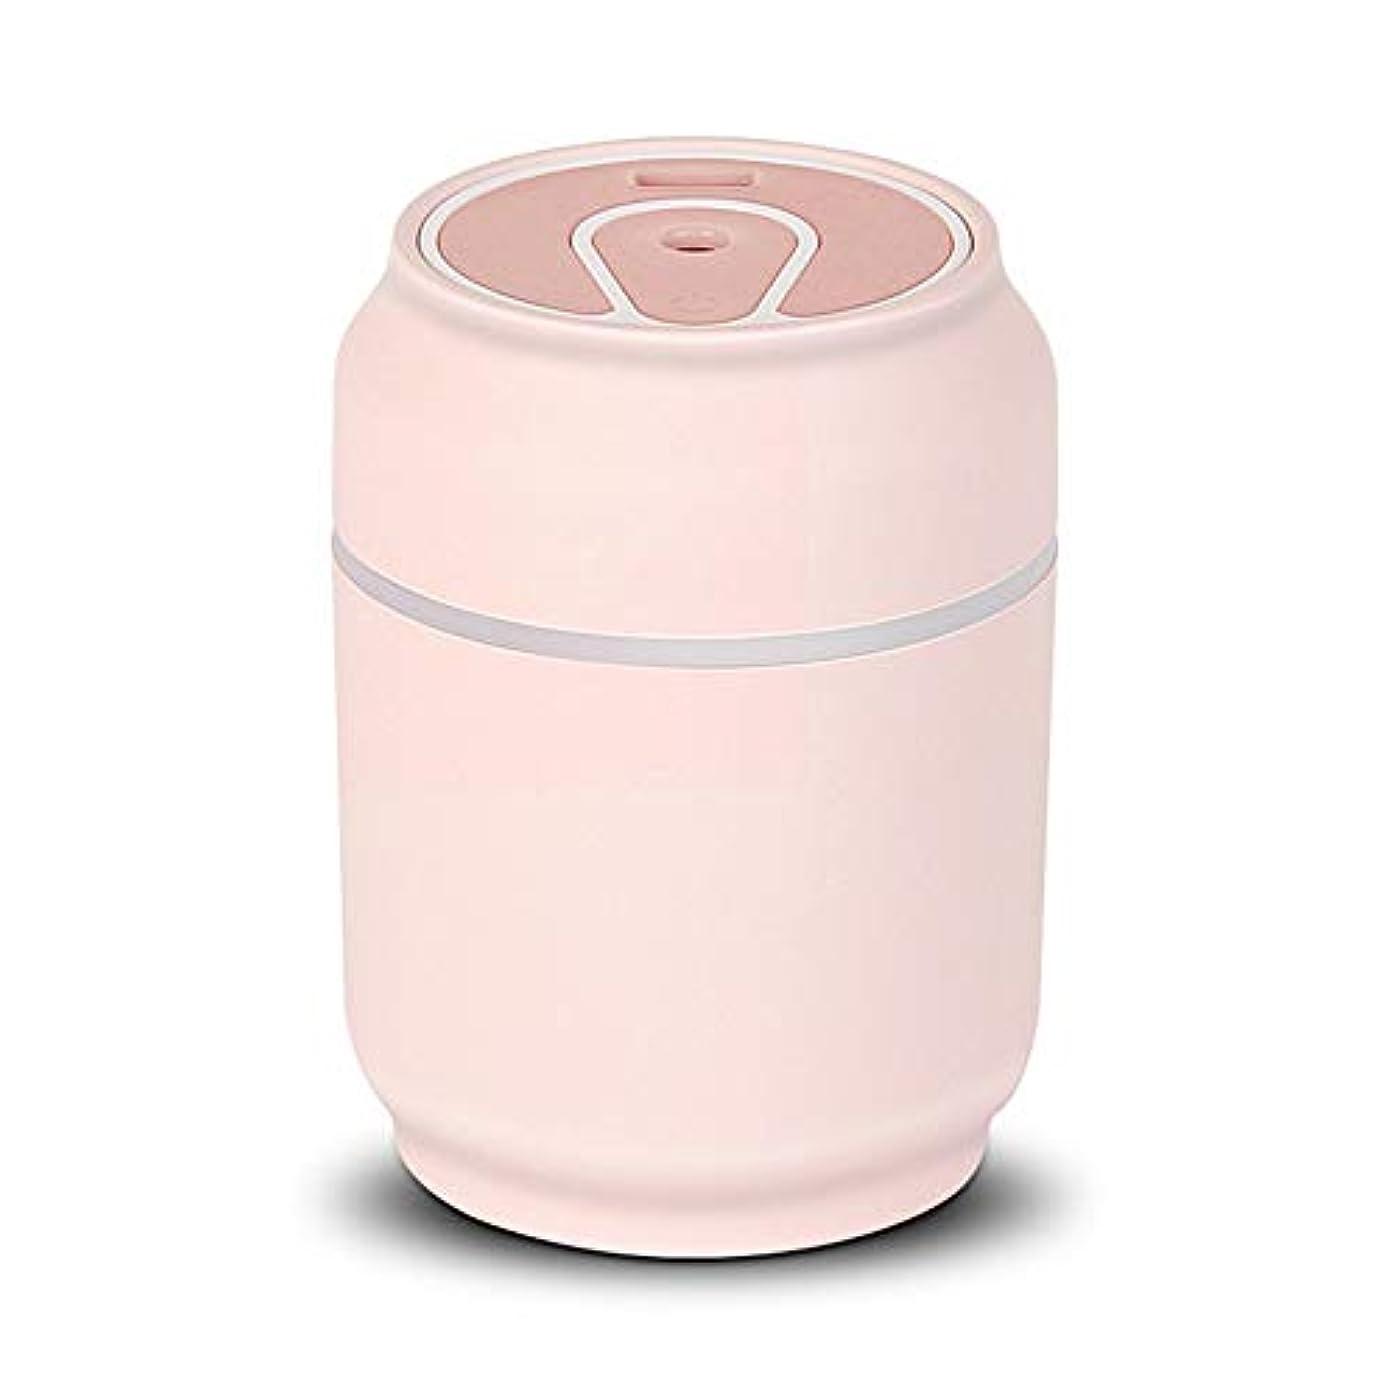 飾り羽ルビー靄ZXF 新しいクリエイティブ缶シェイプUSB充電加湿器ミュート漫画ミニASB素材ナイトライトファン3つ1つの水分補給器具蒸し顔黒緑ピンク黄色 滑らかである (色 : Pink)